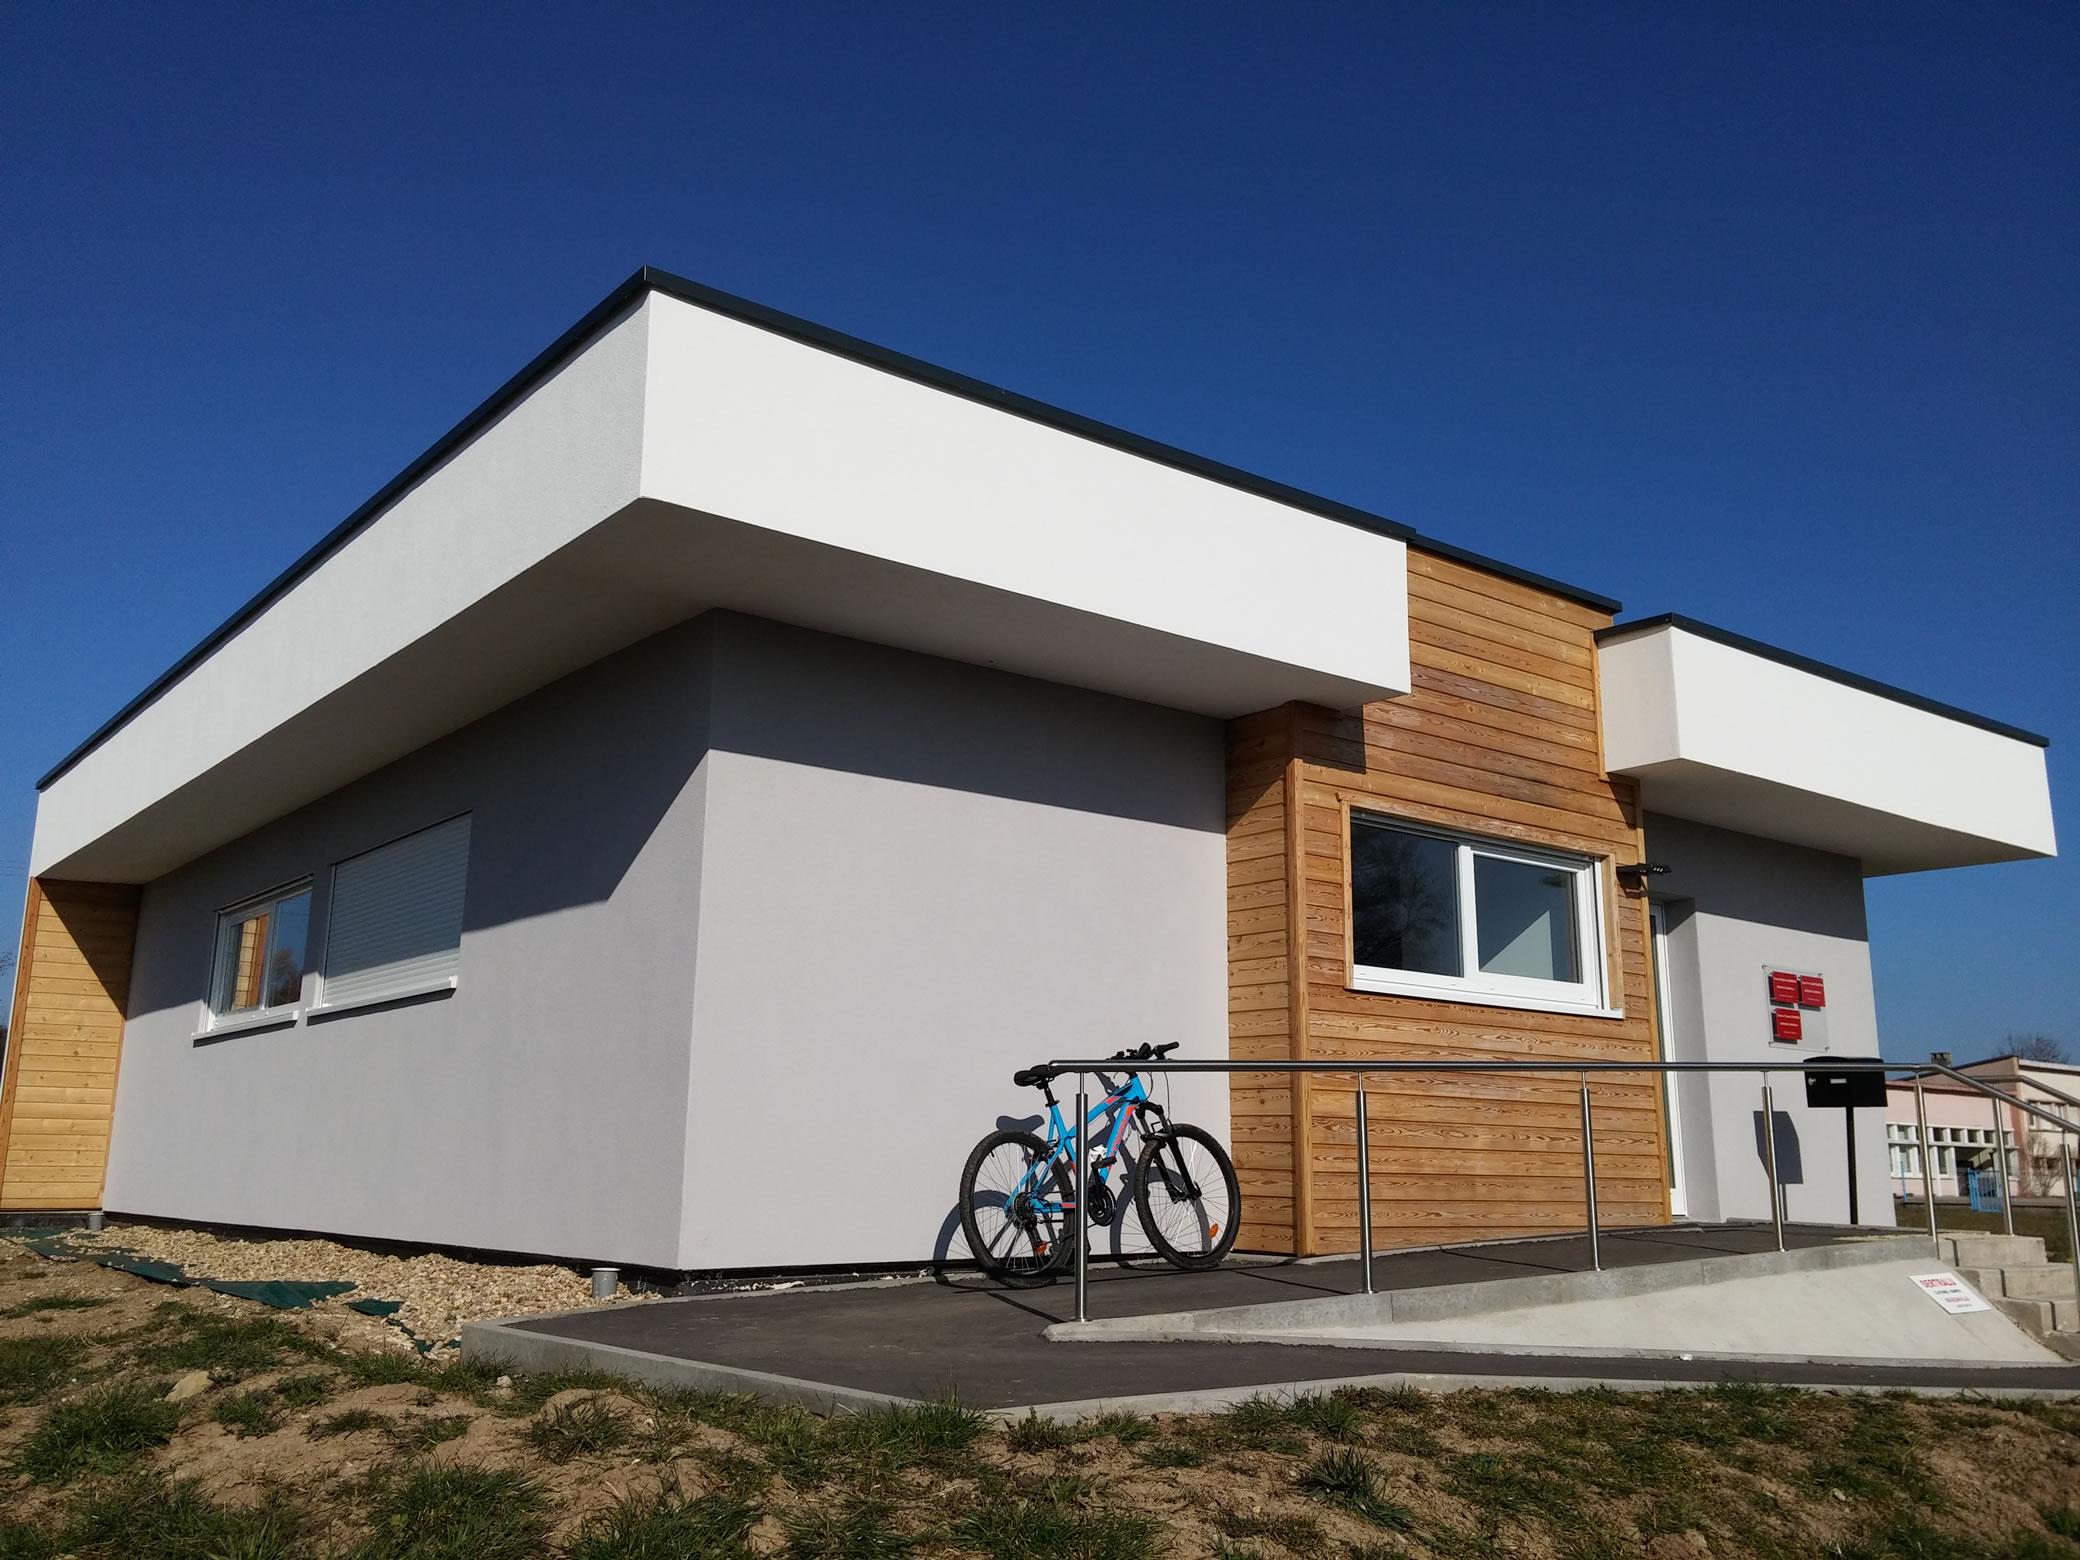 Waldwisse rdc 150m2 maison ossature bois for Prix construction maison 150m2